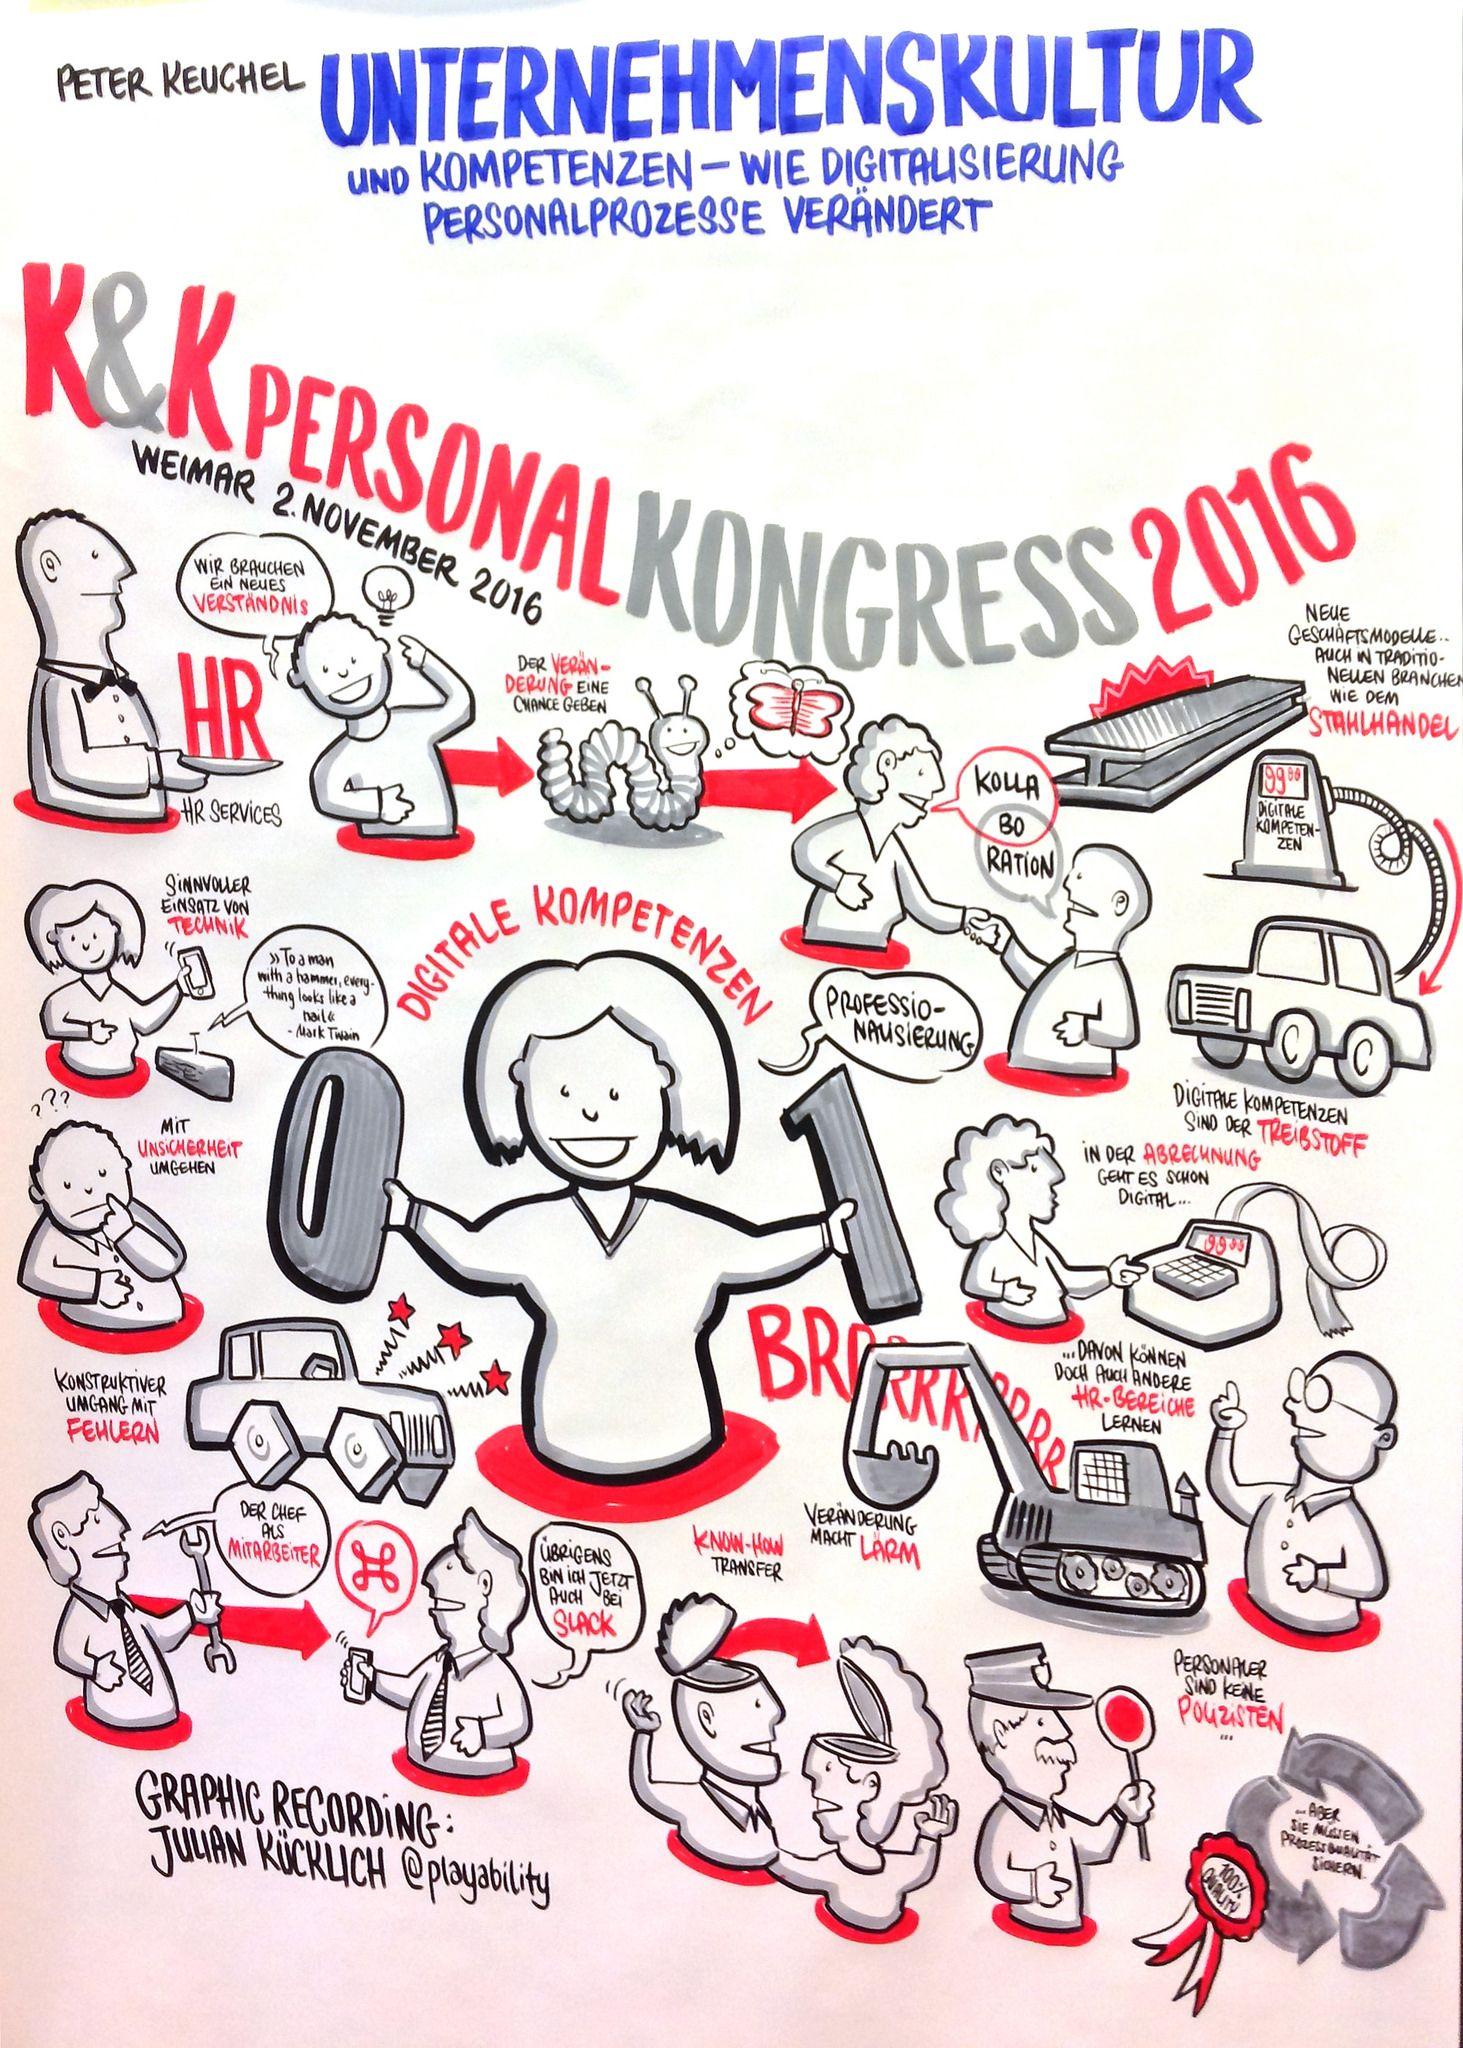 https://flic.kr/p/NCZFKN | K&K Personalkongress 2016 - 3 | www.playability.de